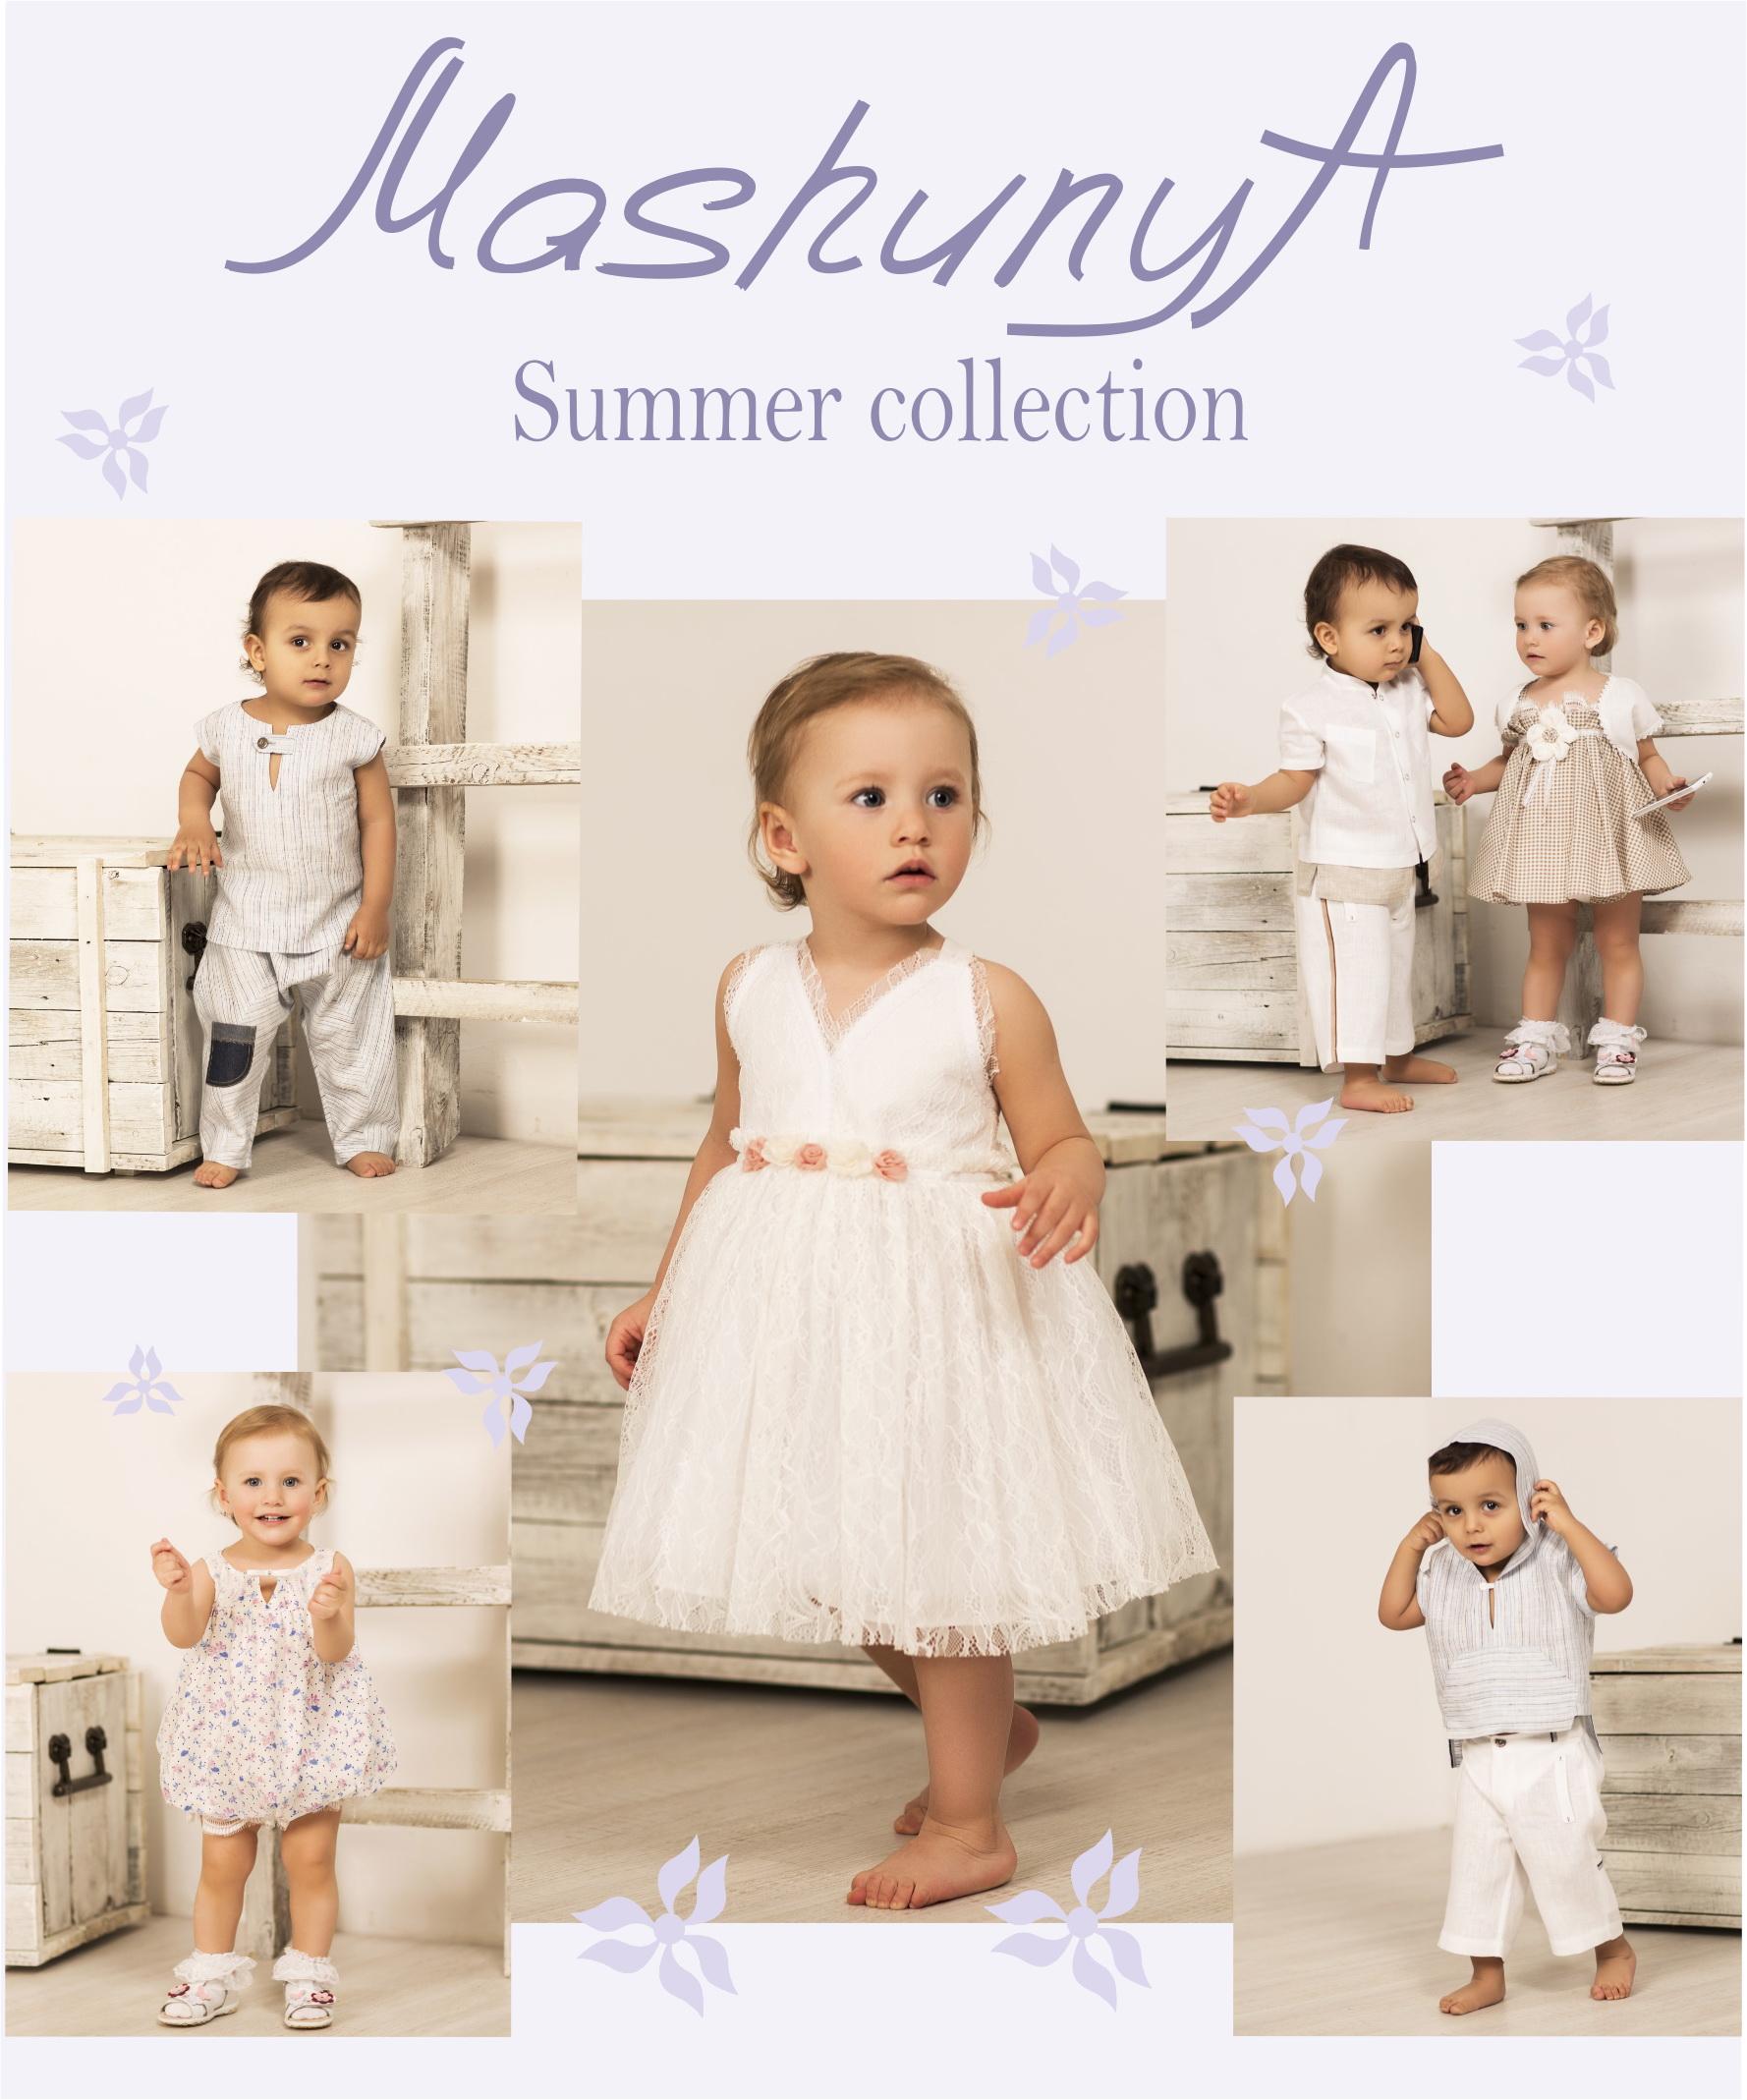 Cбор заказов: Все по взрослому! Эксклюзивная, дизайнерская одежда для маленьких озорных принцесс и юных стильных модников от 1 до 3 лет. Льняные платьица, сарафанчики, рубашки, брючки, пиджачки. Ваш ребенок не останется не замеченным! Выкуп 1.